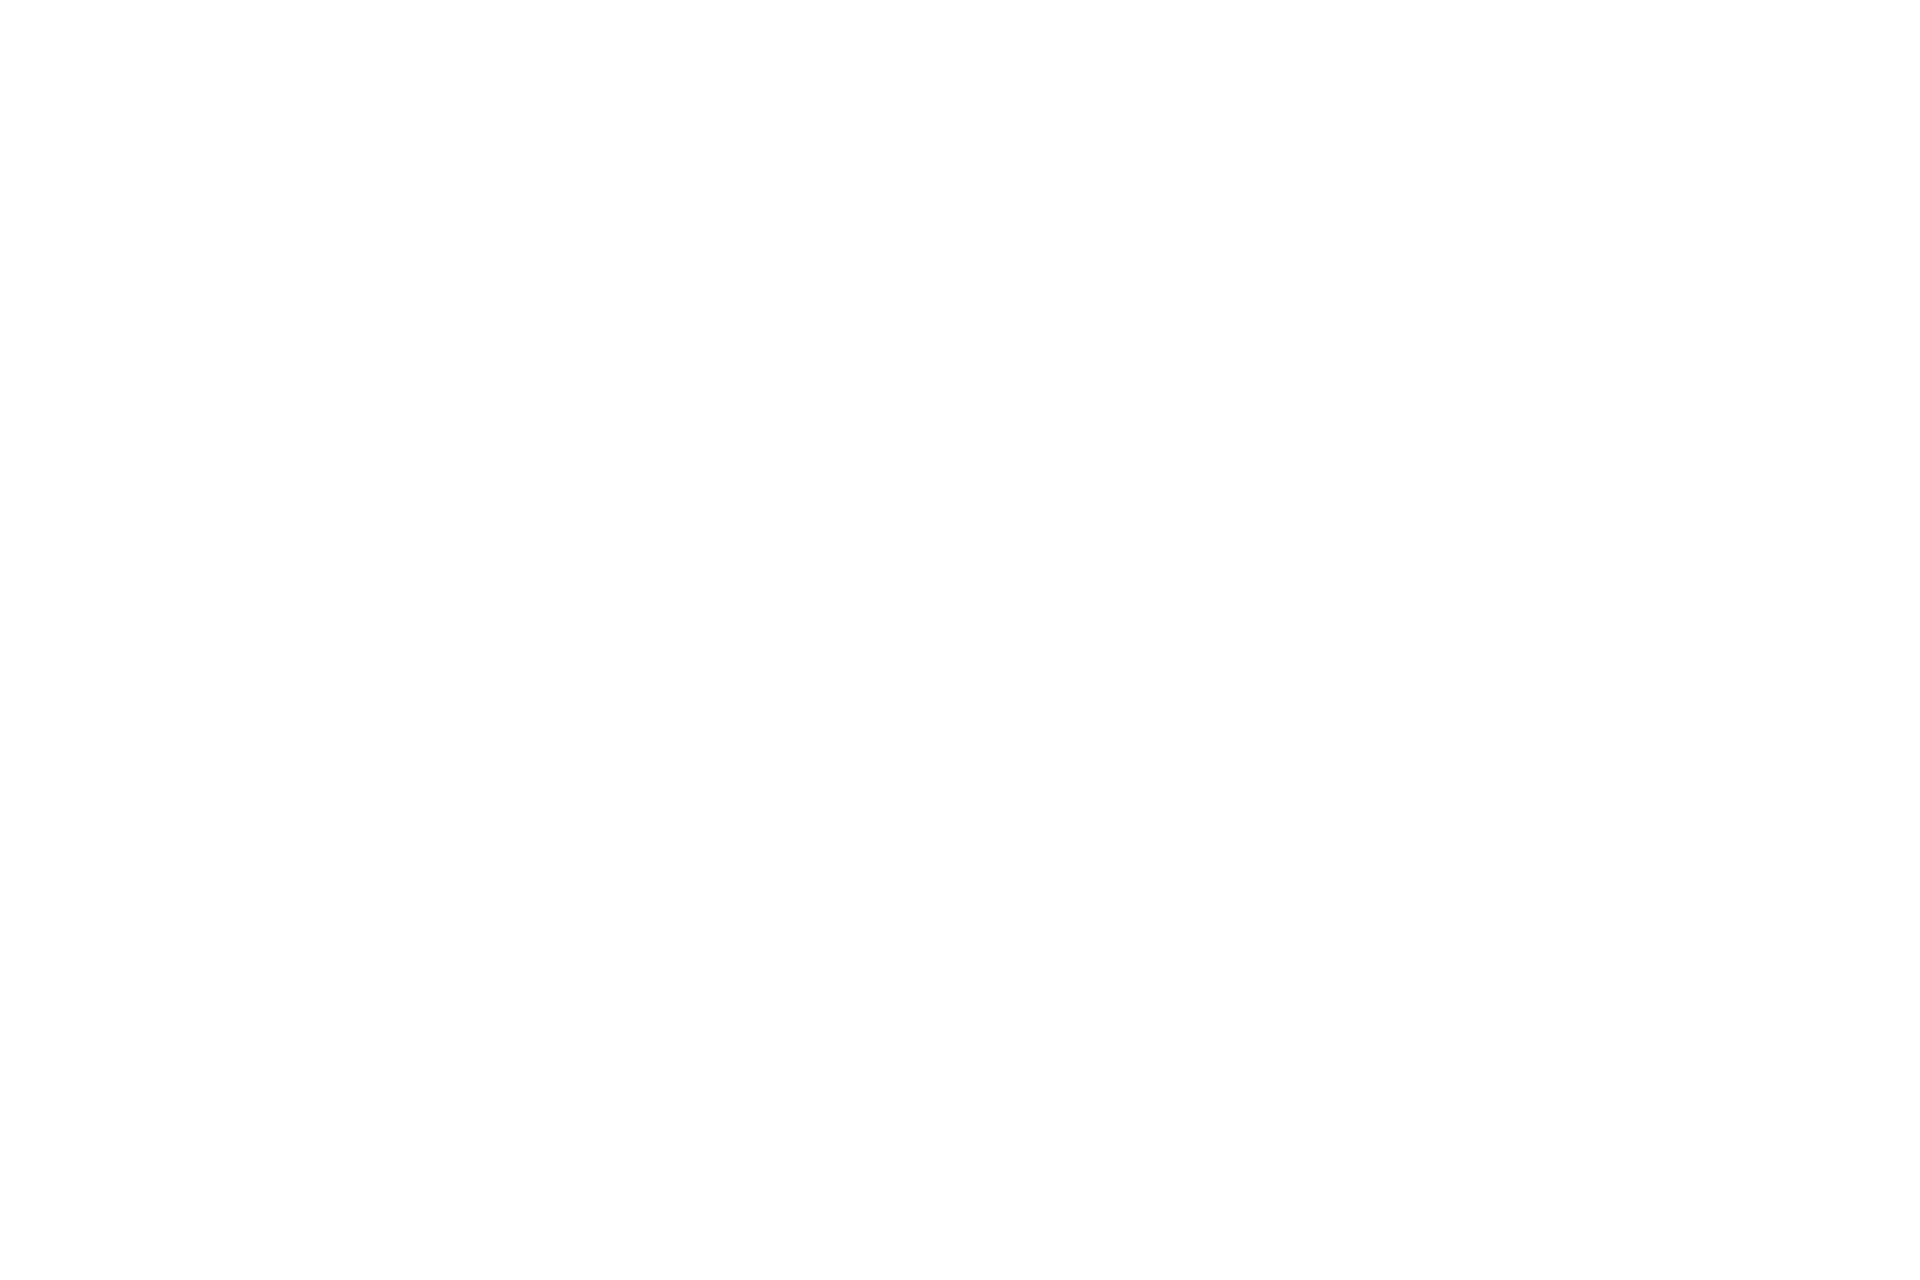 coctails-bg-04